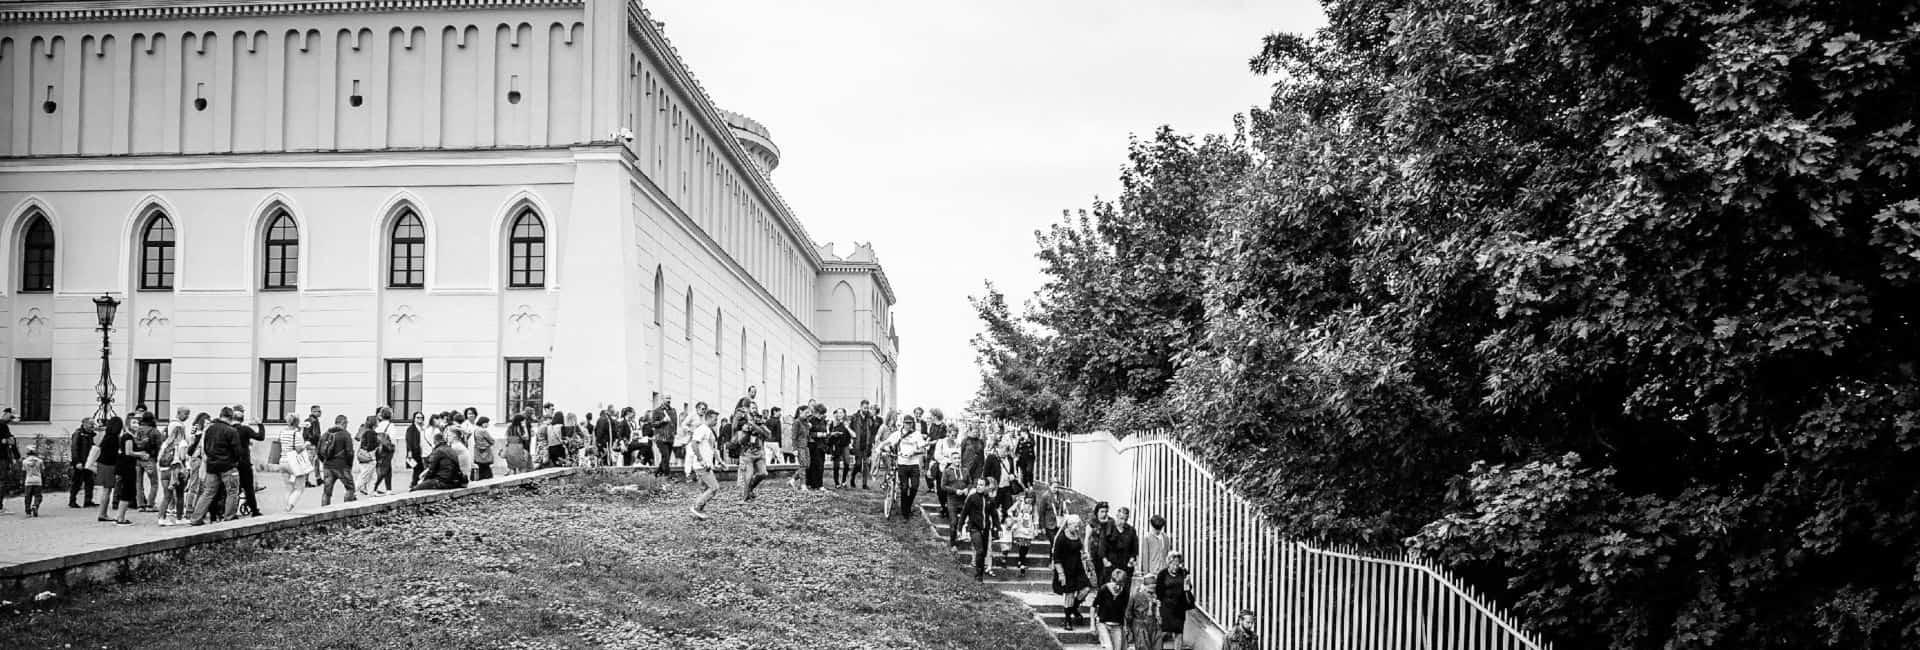 10. Festival of Art in Public Spaces, Open City, Lublin, 2018